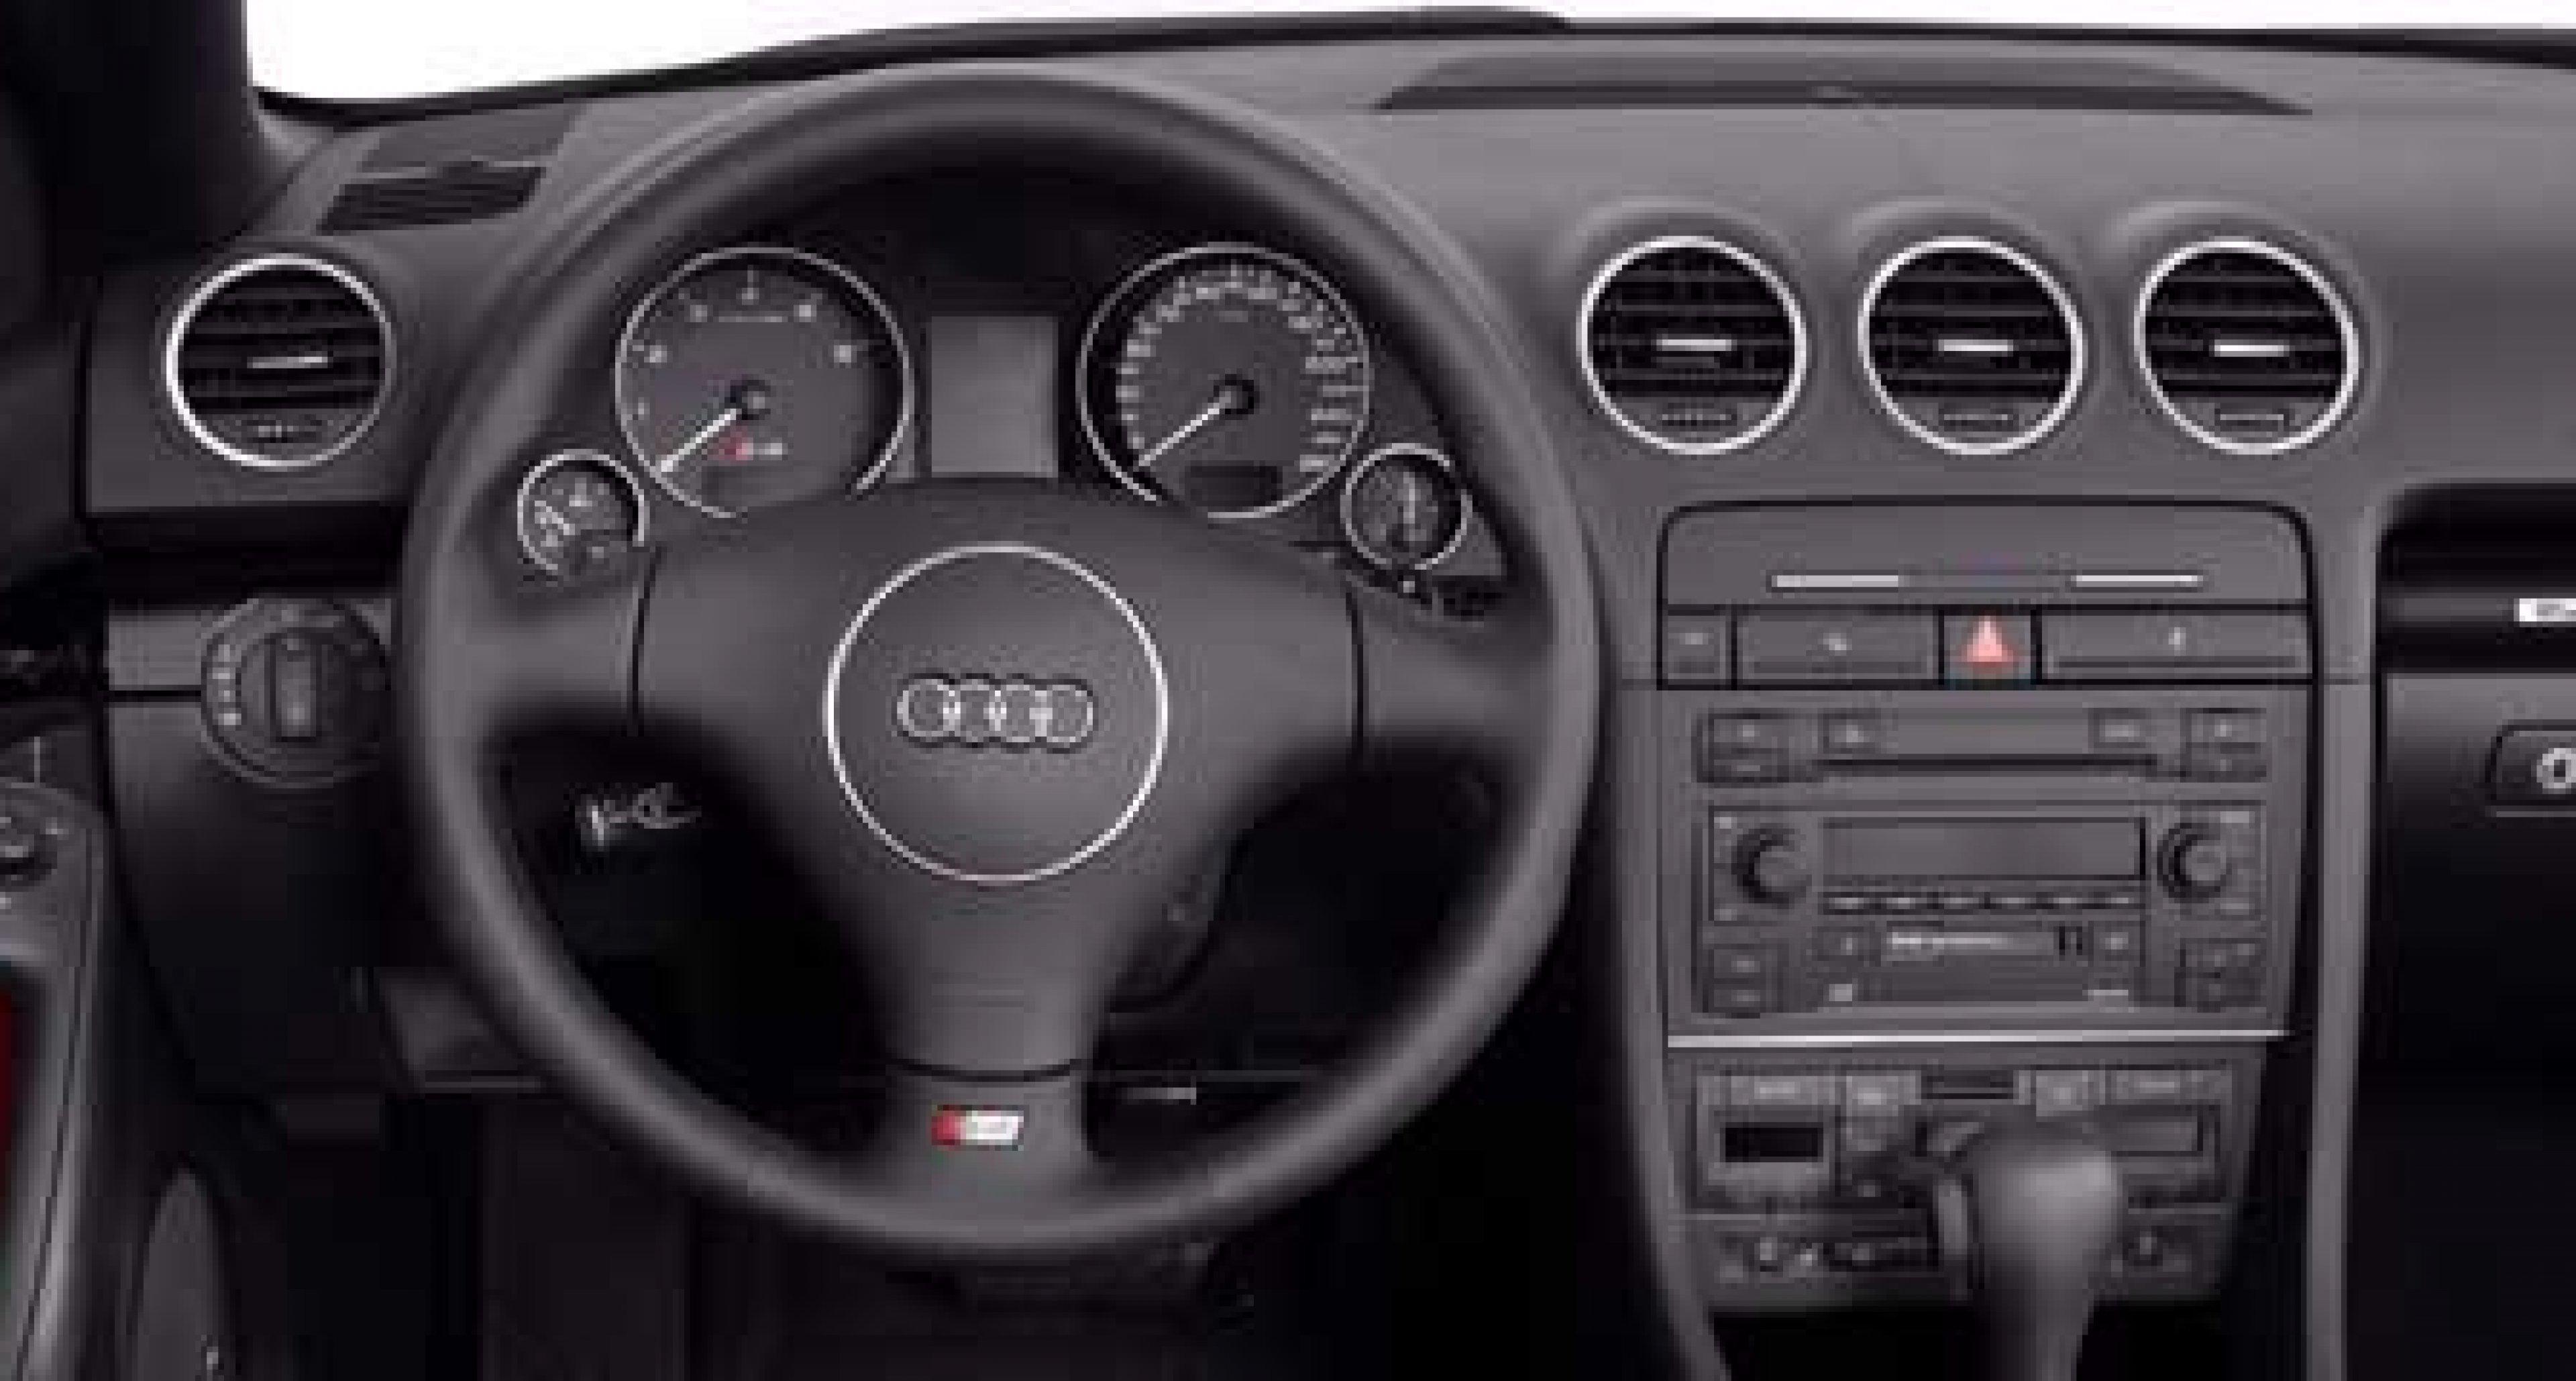 Audi S4 Cabriolet: 344 PS unter freiem Himmel